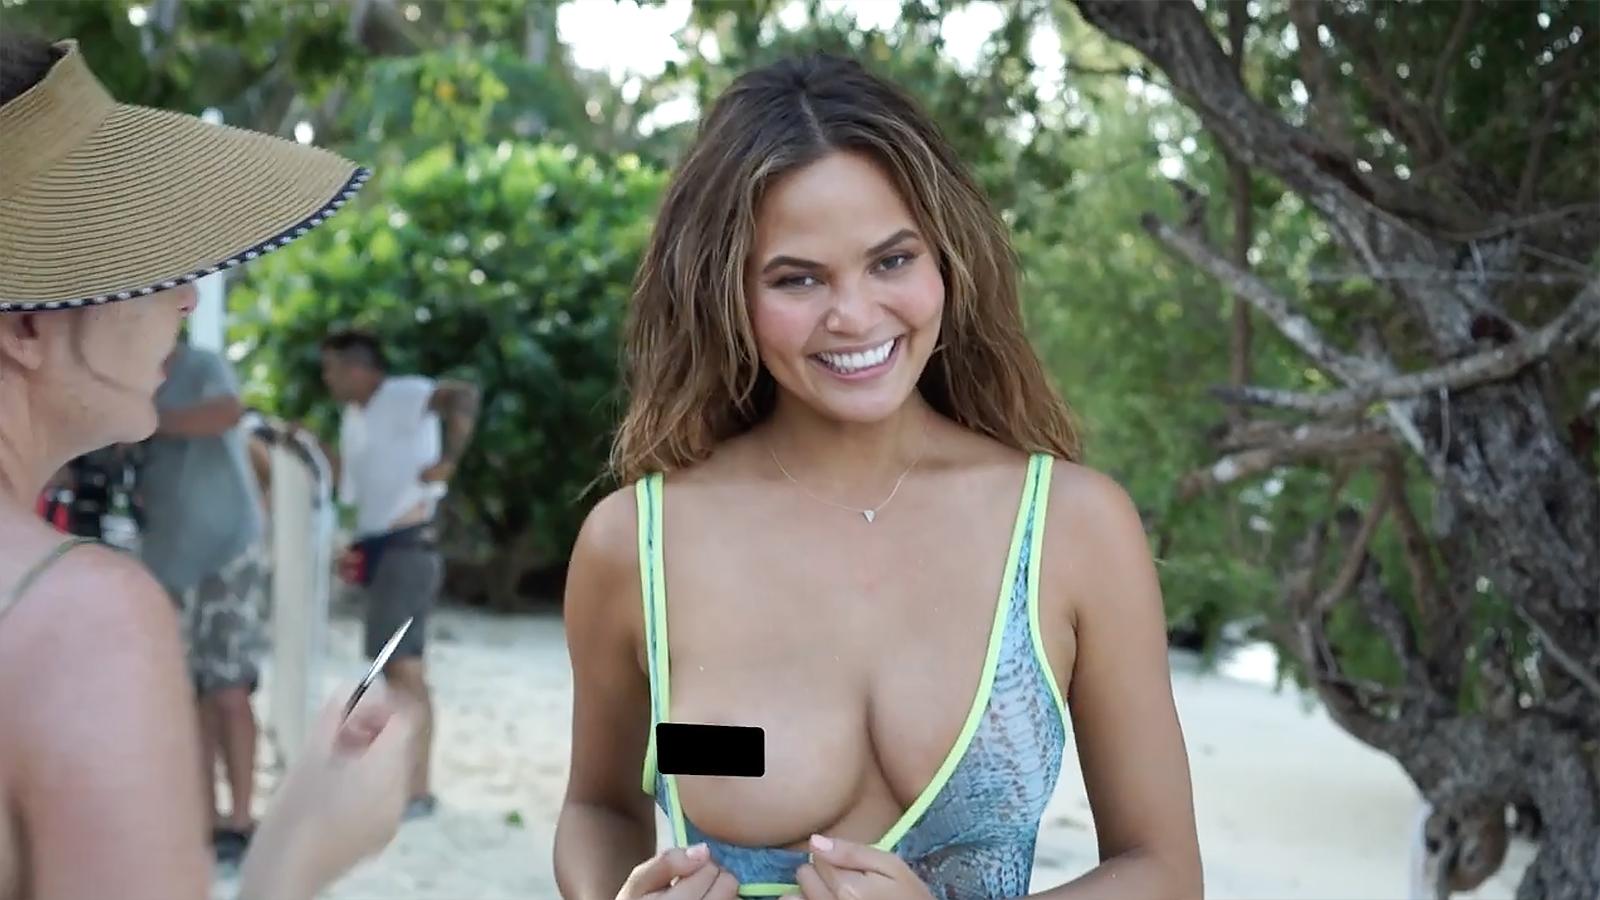 Прыгающие груди смотреть, прыгающие сиськи: порно видео онлайн, смотреть 9 фотография